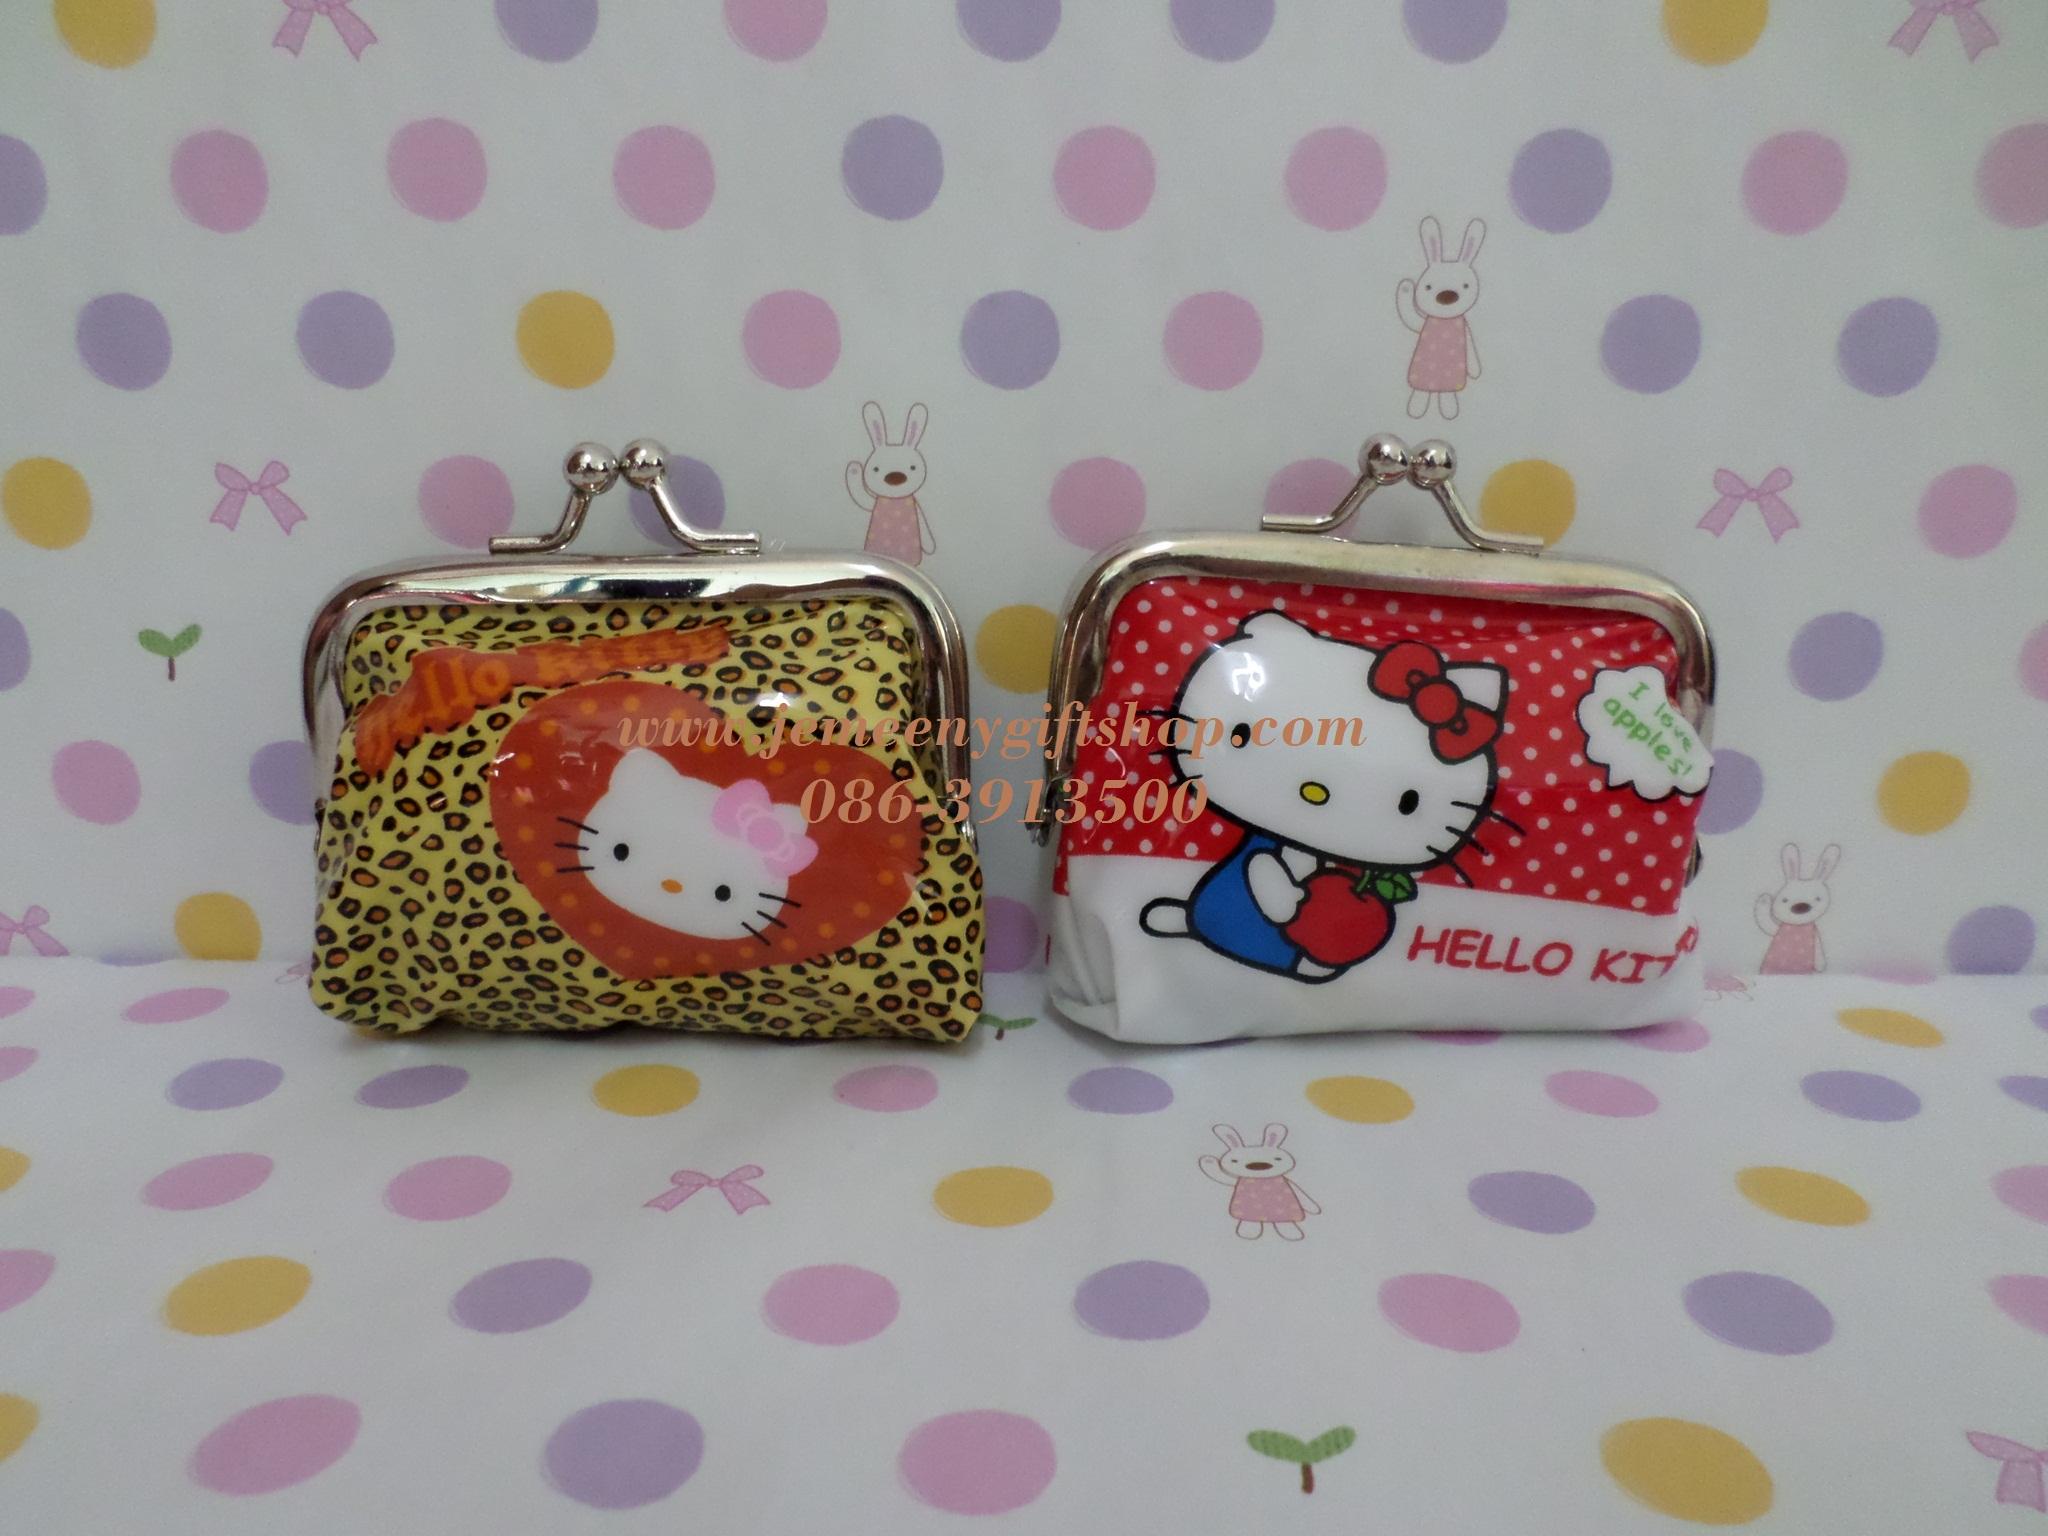 กระเป๋าใส่เศษสตางศ์ ใบเล็ก คิตตี้ kitty#3 ราคาต่อคู่